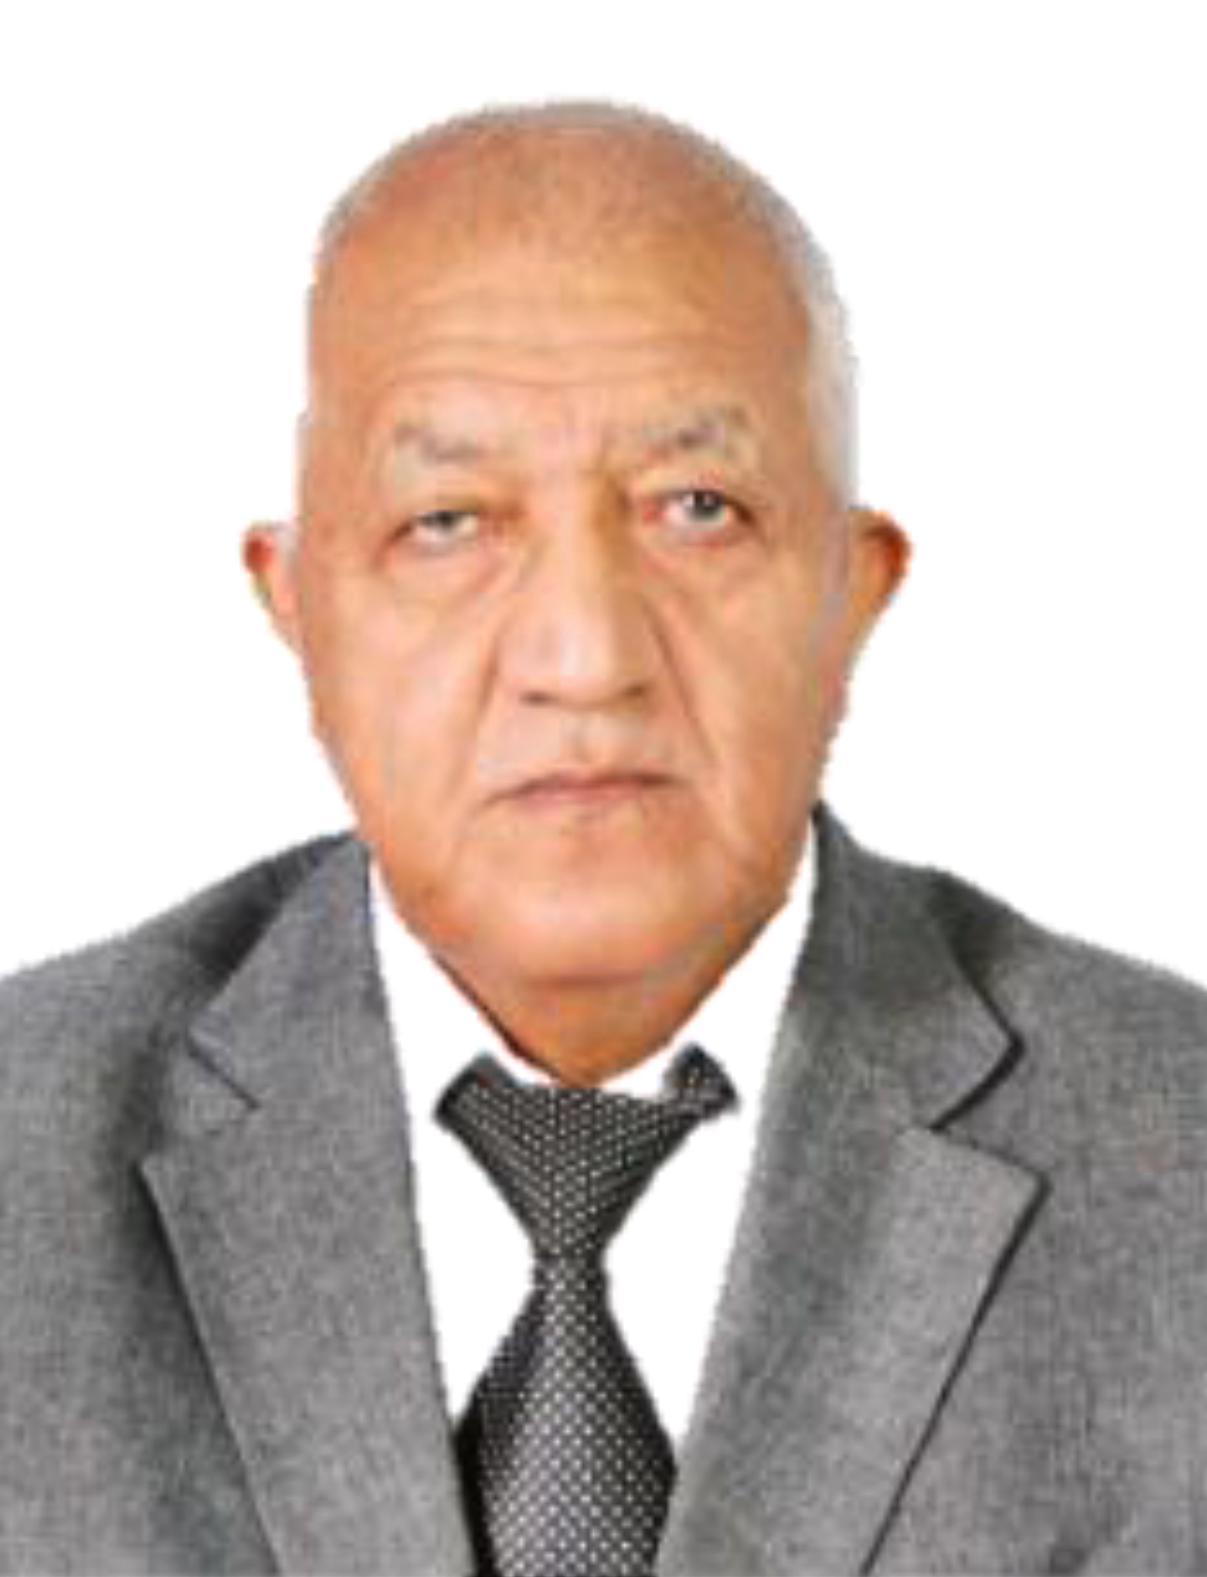 Қаҳҳор Абдурахманов